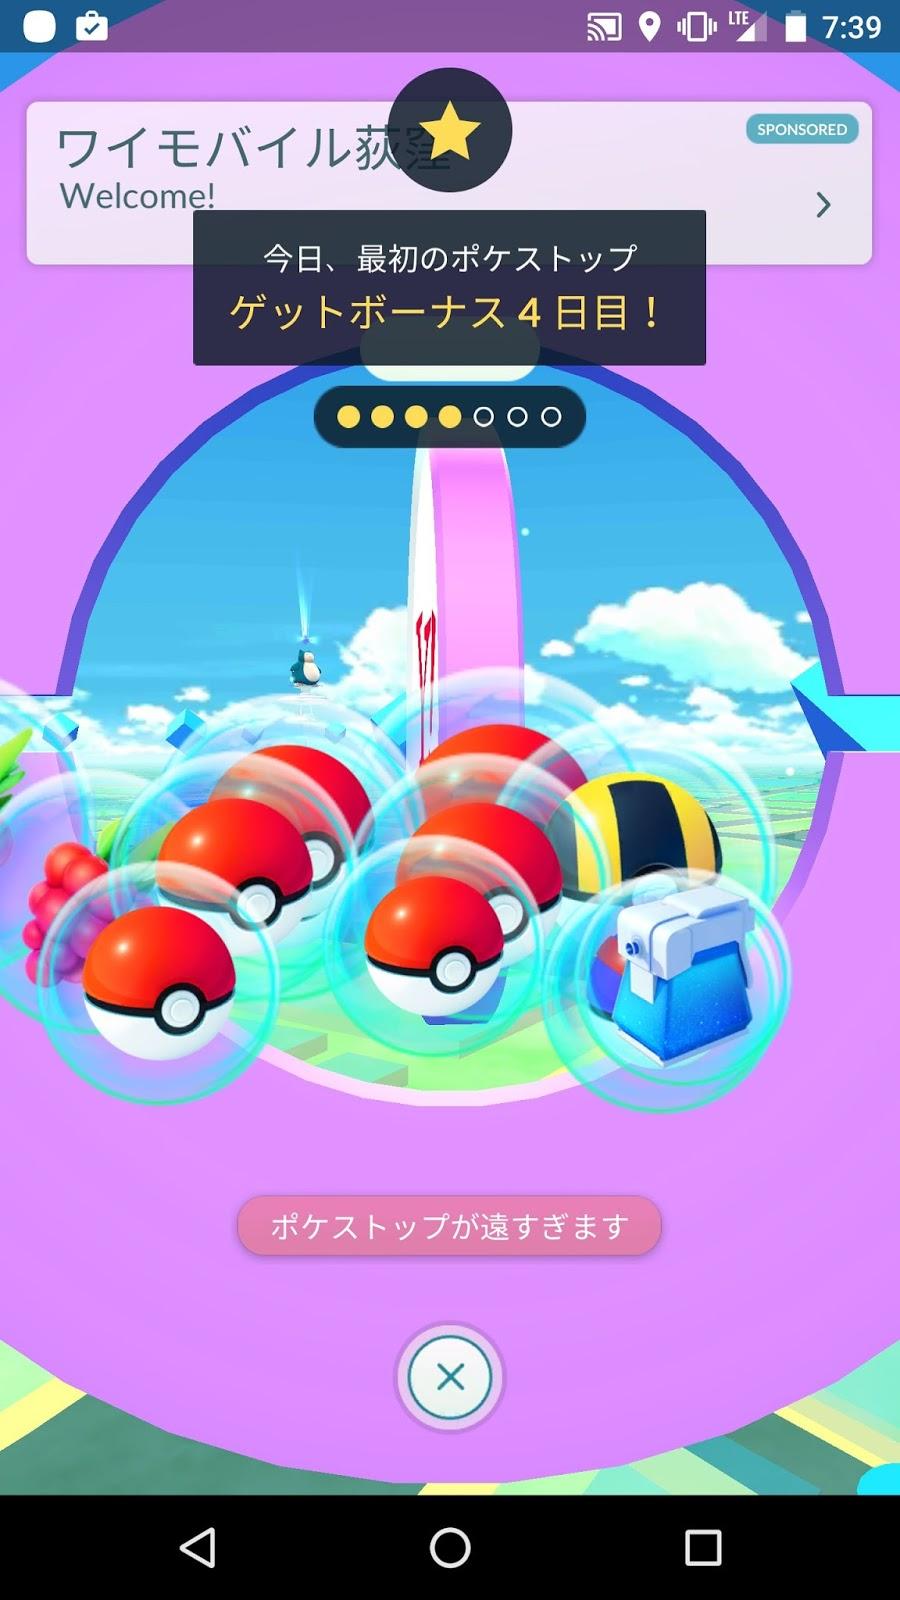 ポケモンgo日記(pokemon go diary in japan): バージョンアップ記念で